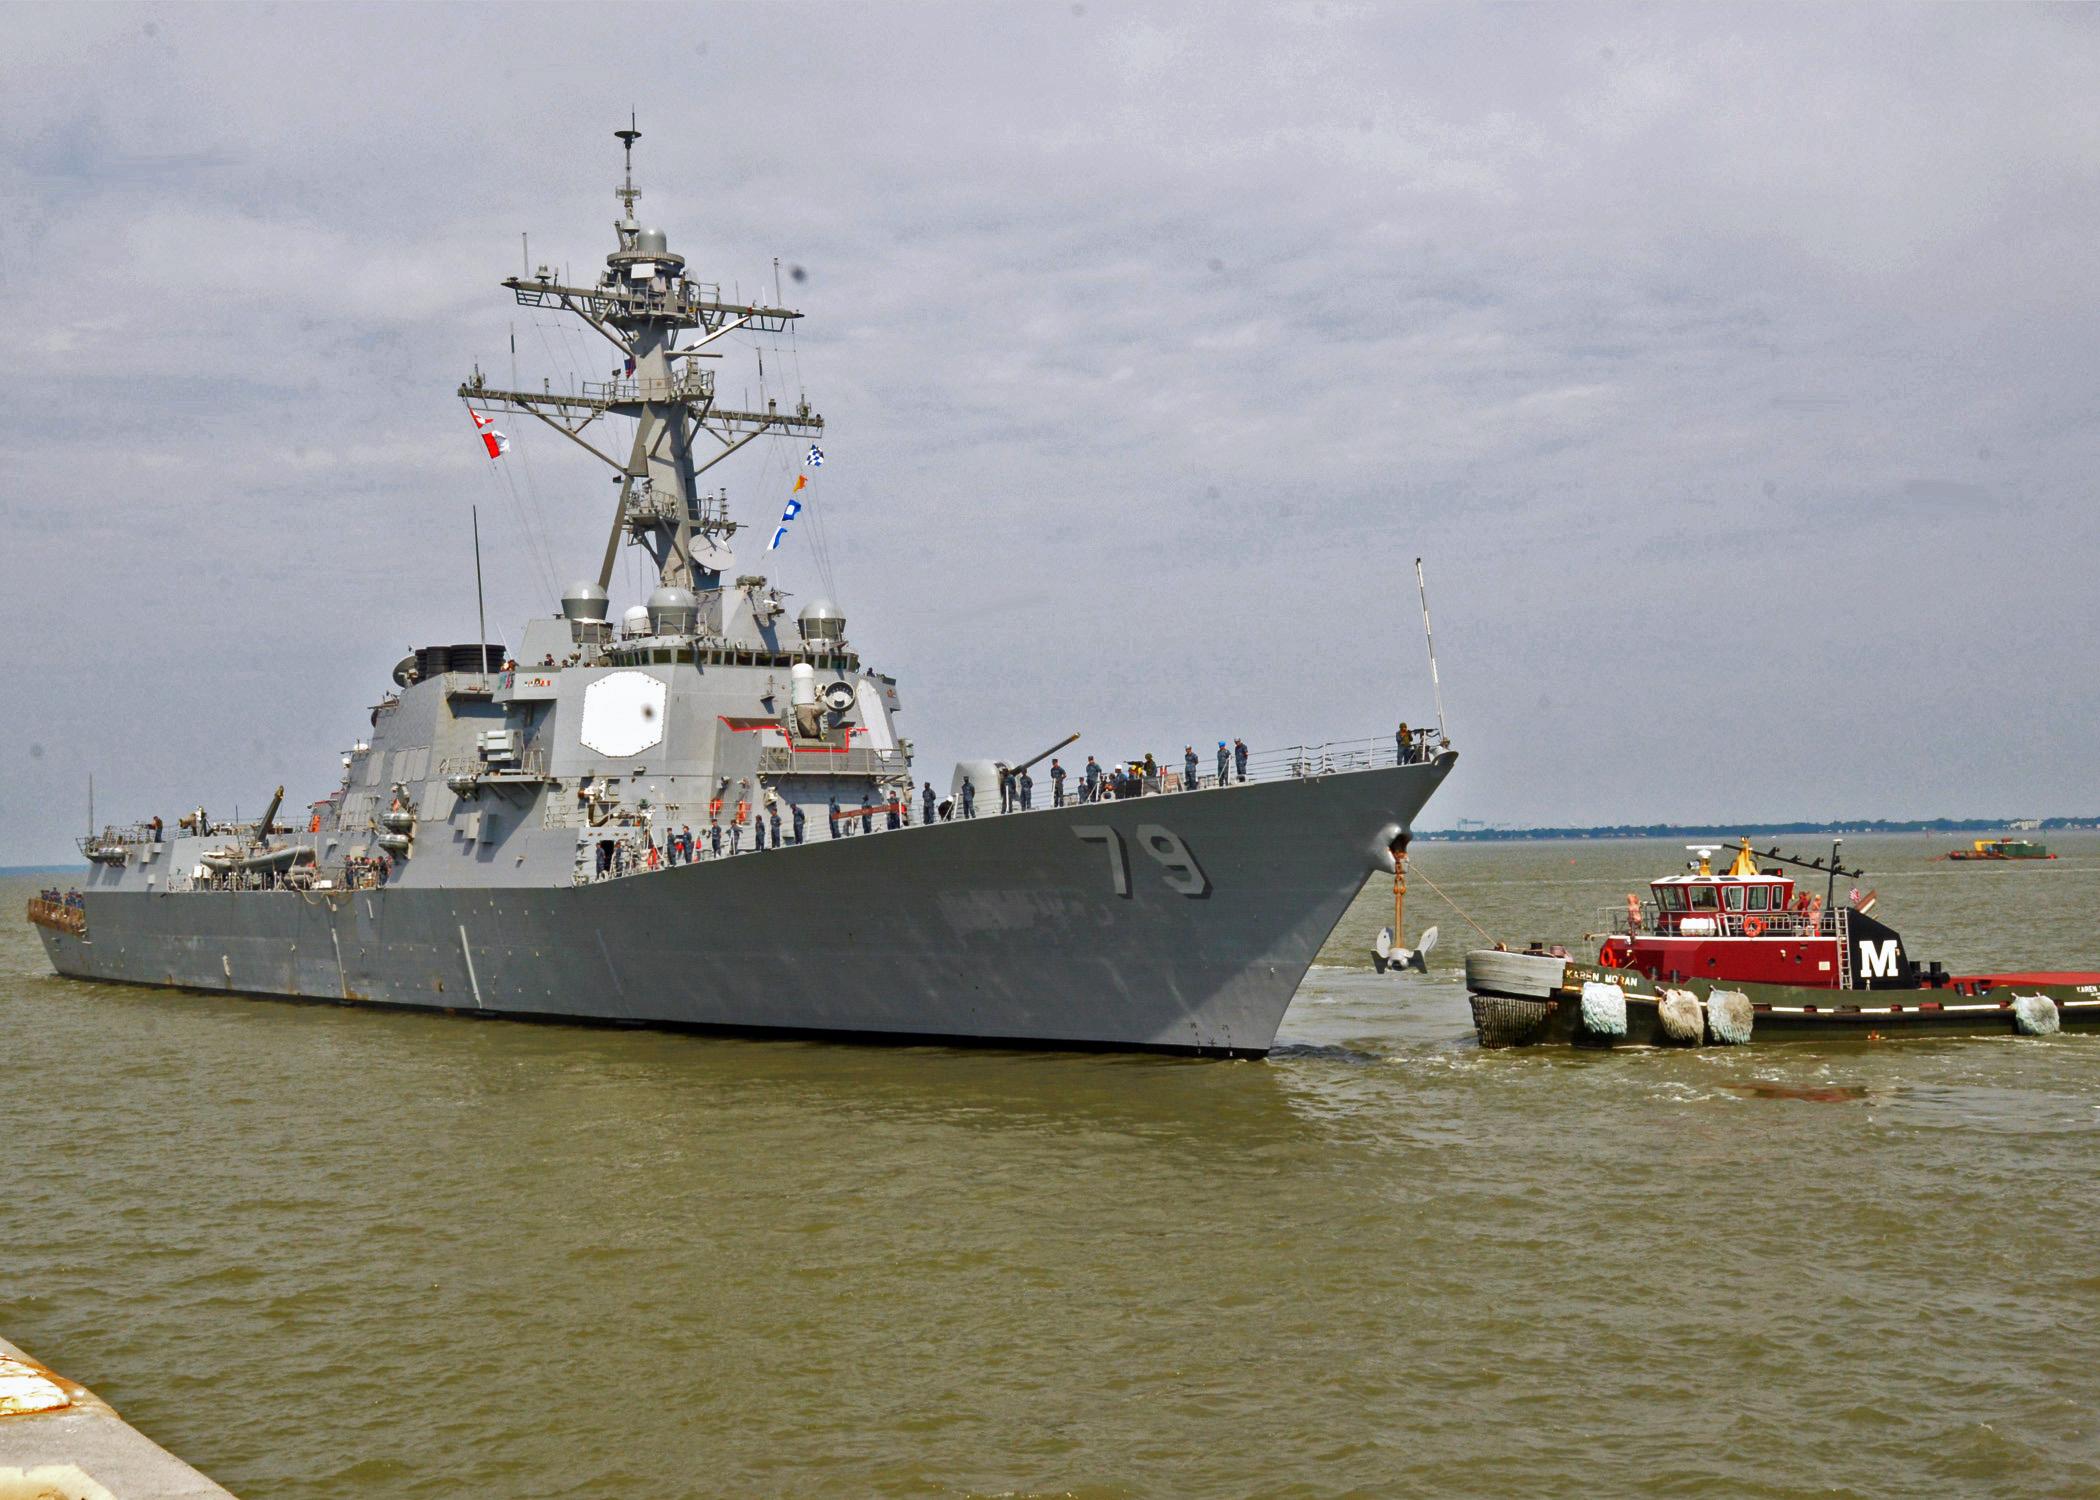 USS OSCAR AUSTIN DDG-79 Auslaufen Norfolk am 20.05.2014 Bild: U.S. Navy